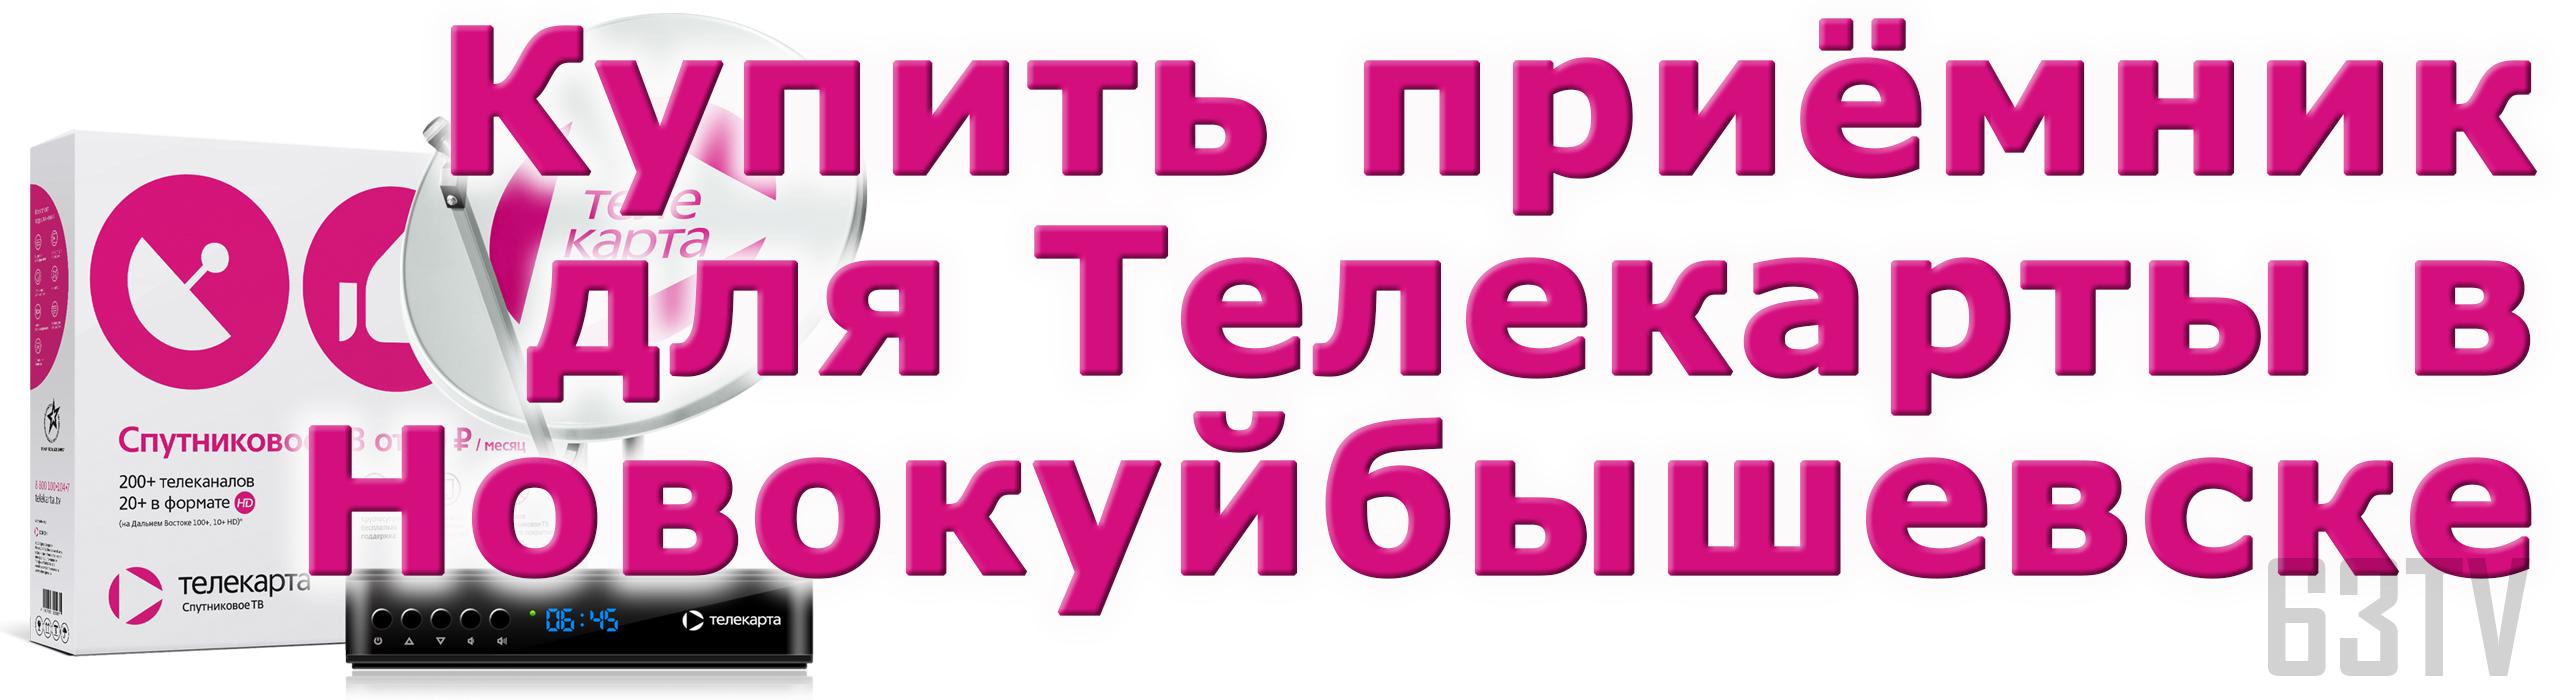 Купить приёмник для телекарты в Новокуйбышевске